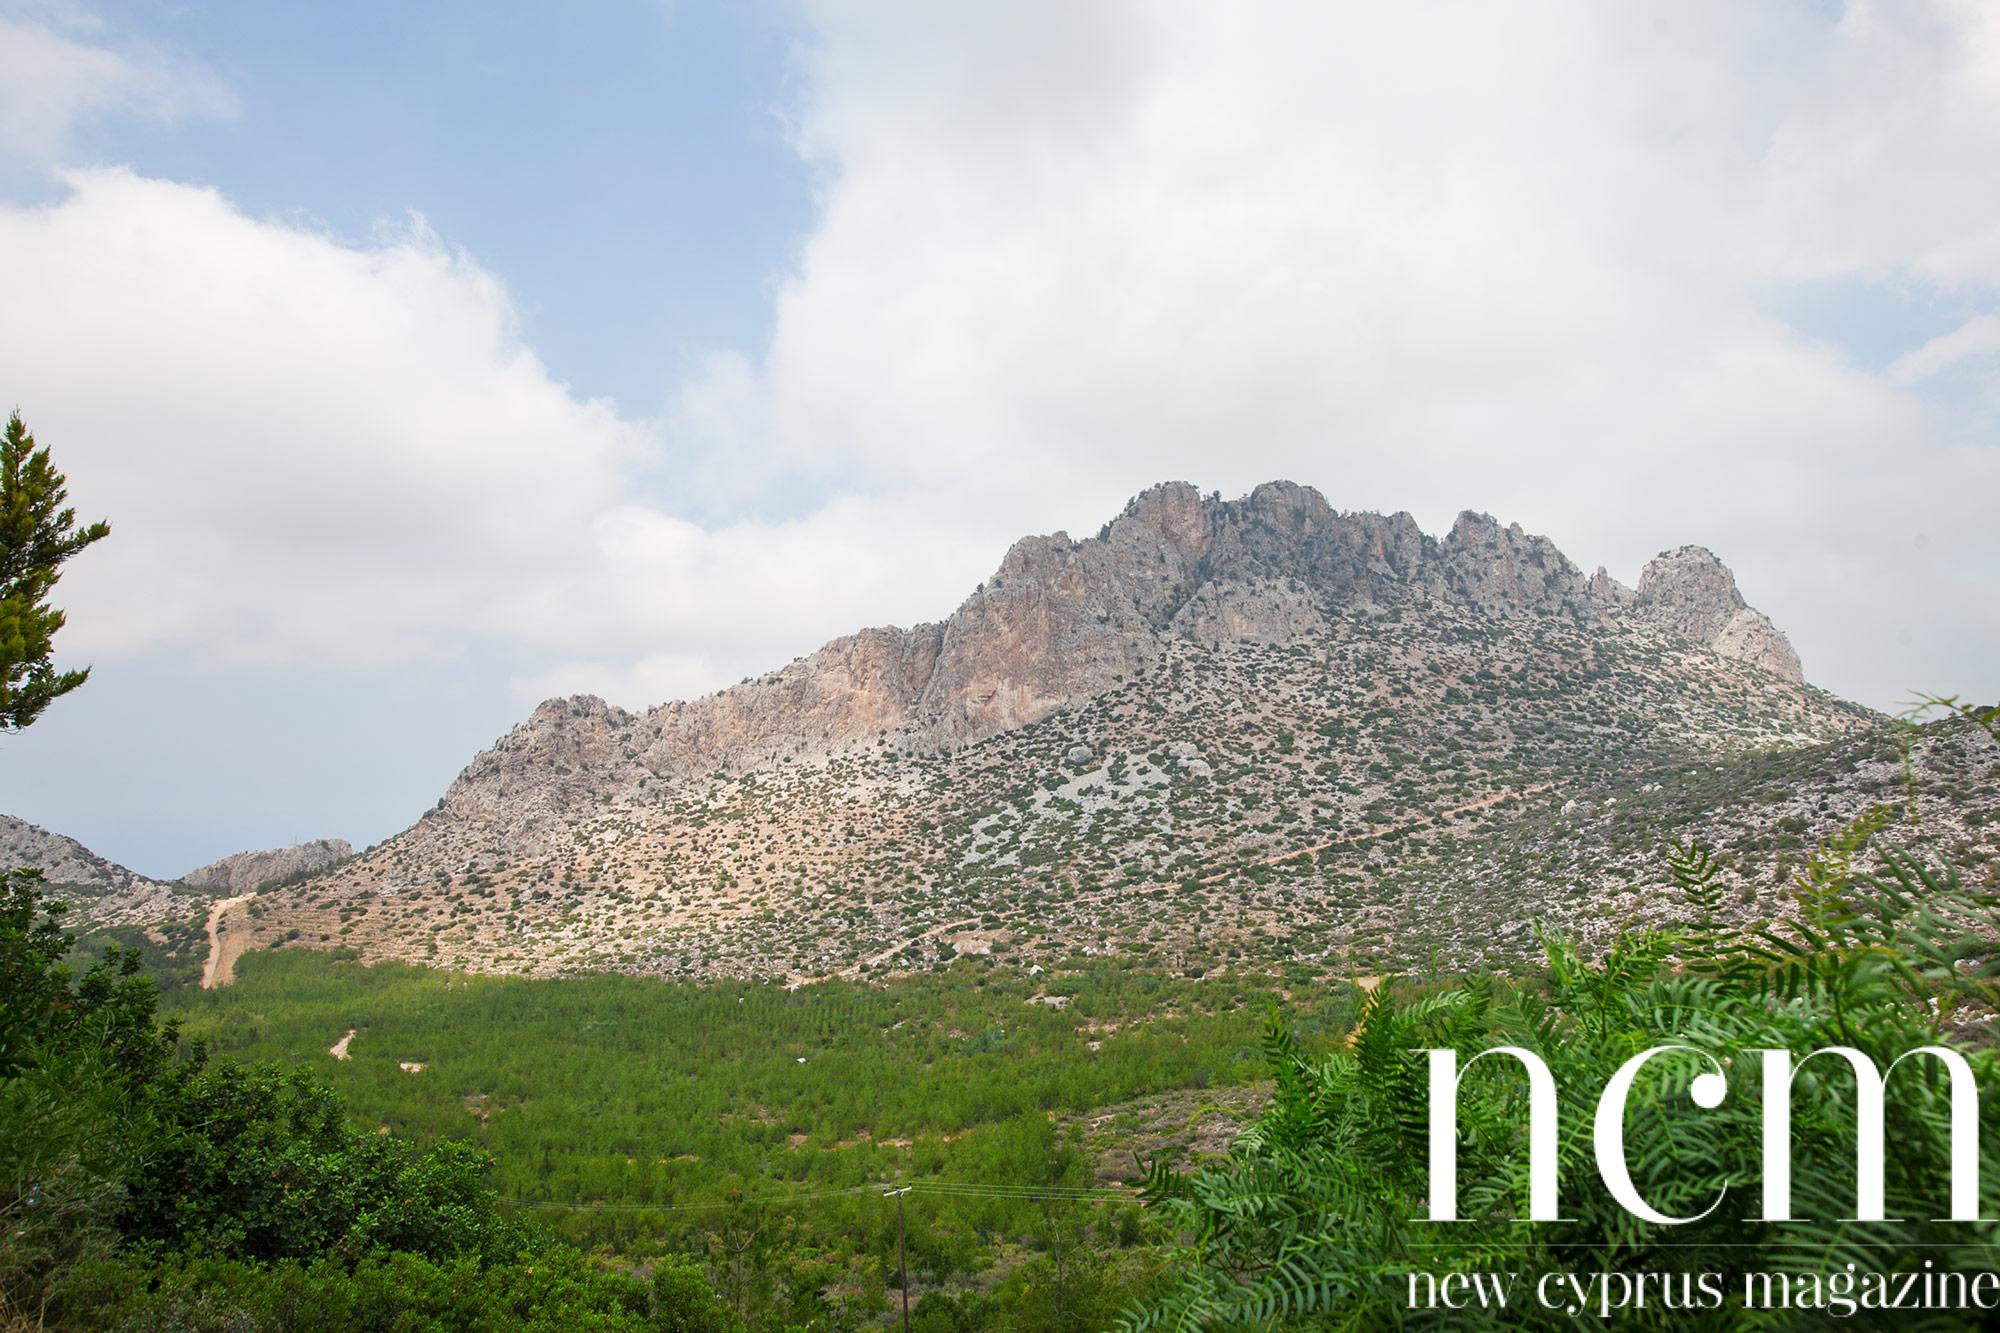 norra-cypern-2017-02719